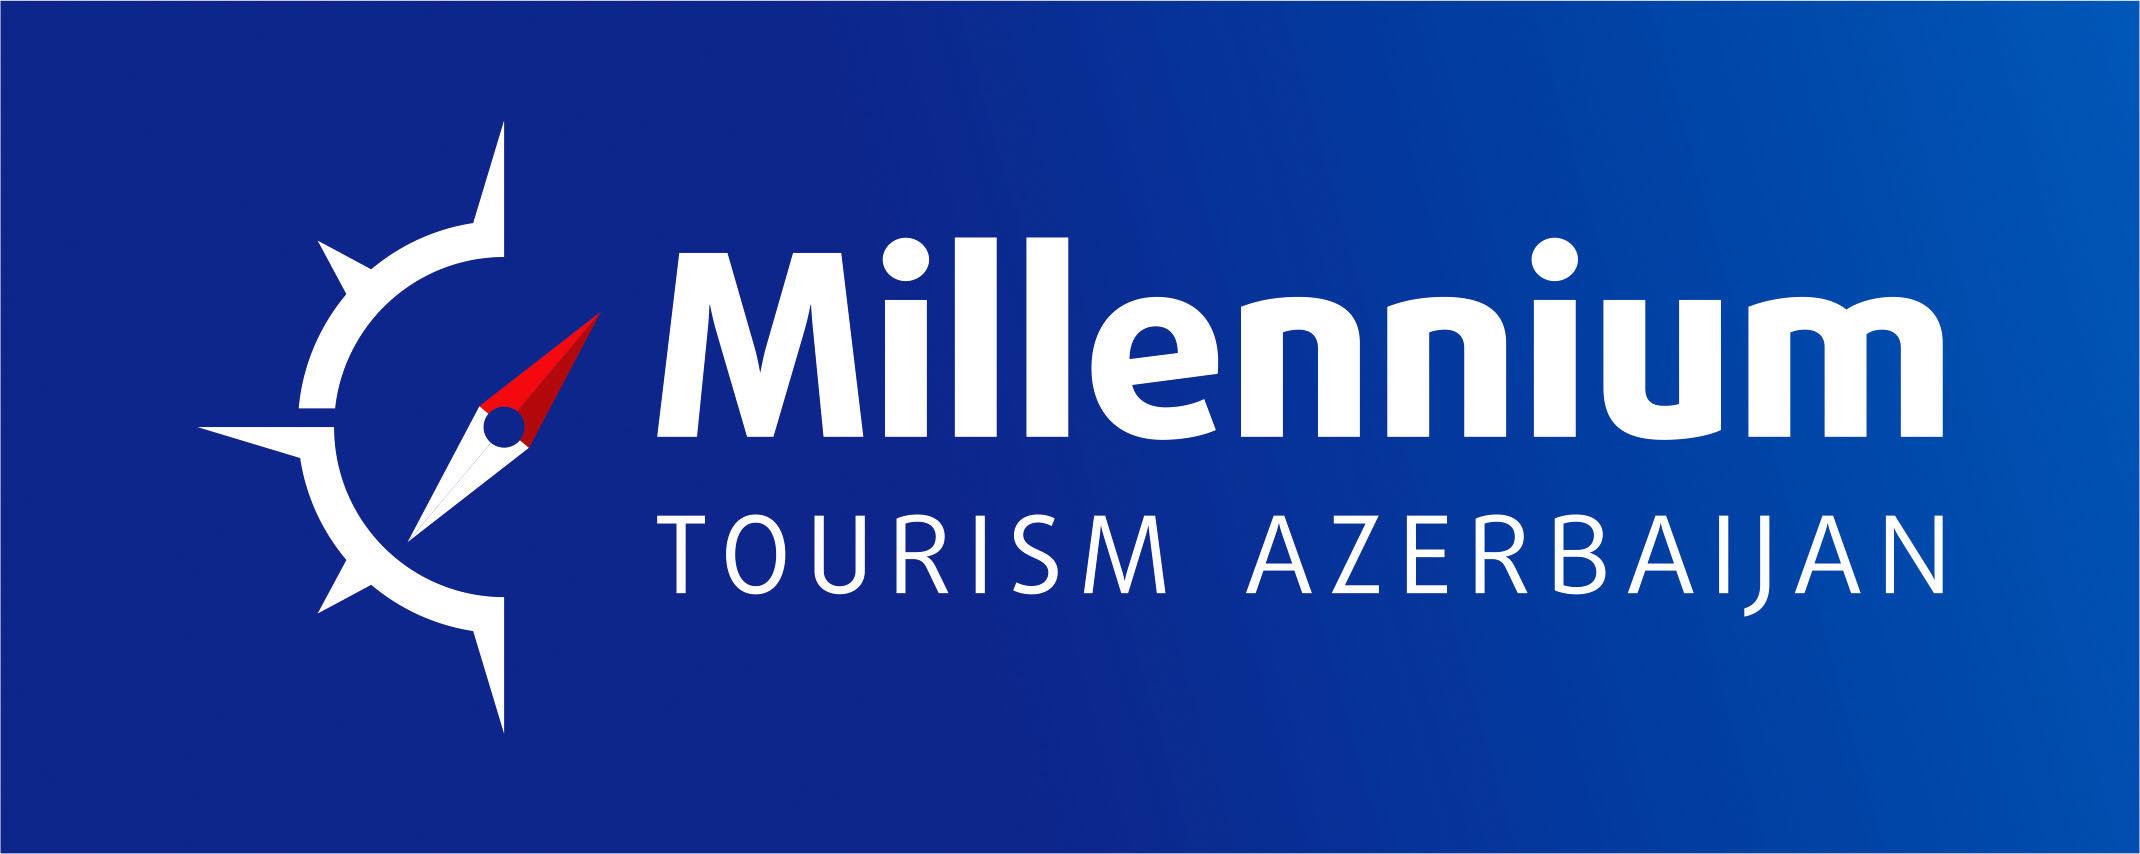 Millennium Tourism Azerbaijan